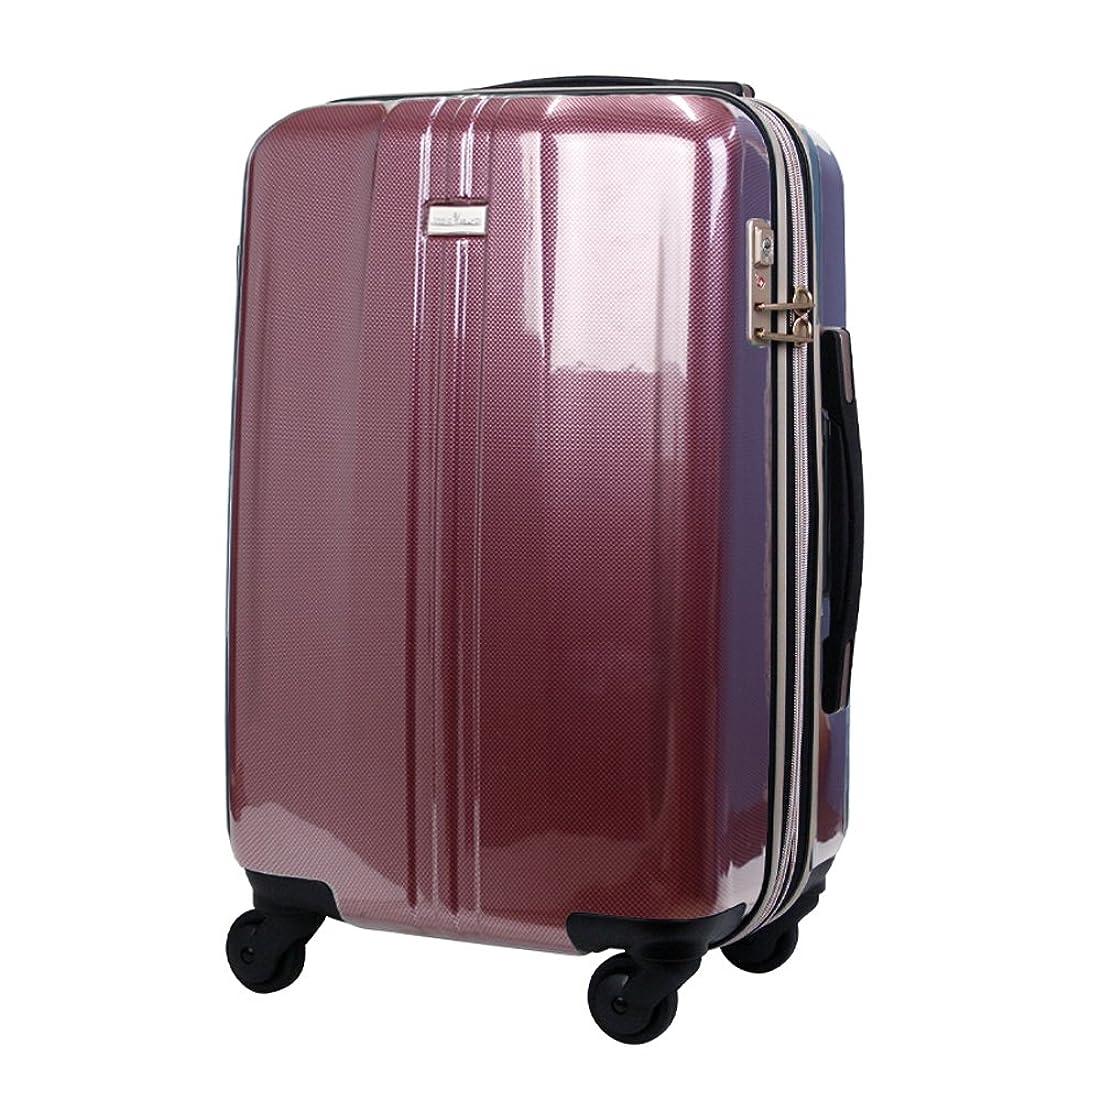 ポーンタンザニア分布[レジェンドウォーカー] legend walker スーツケース 32L 3.4kg